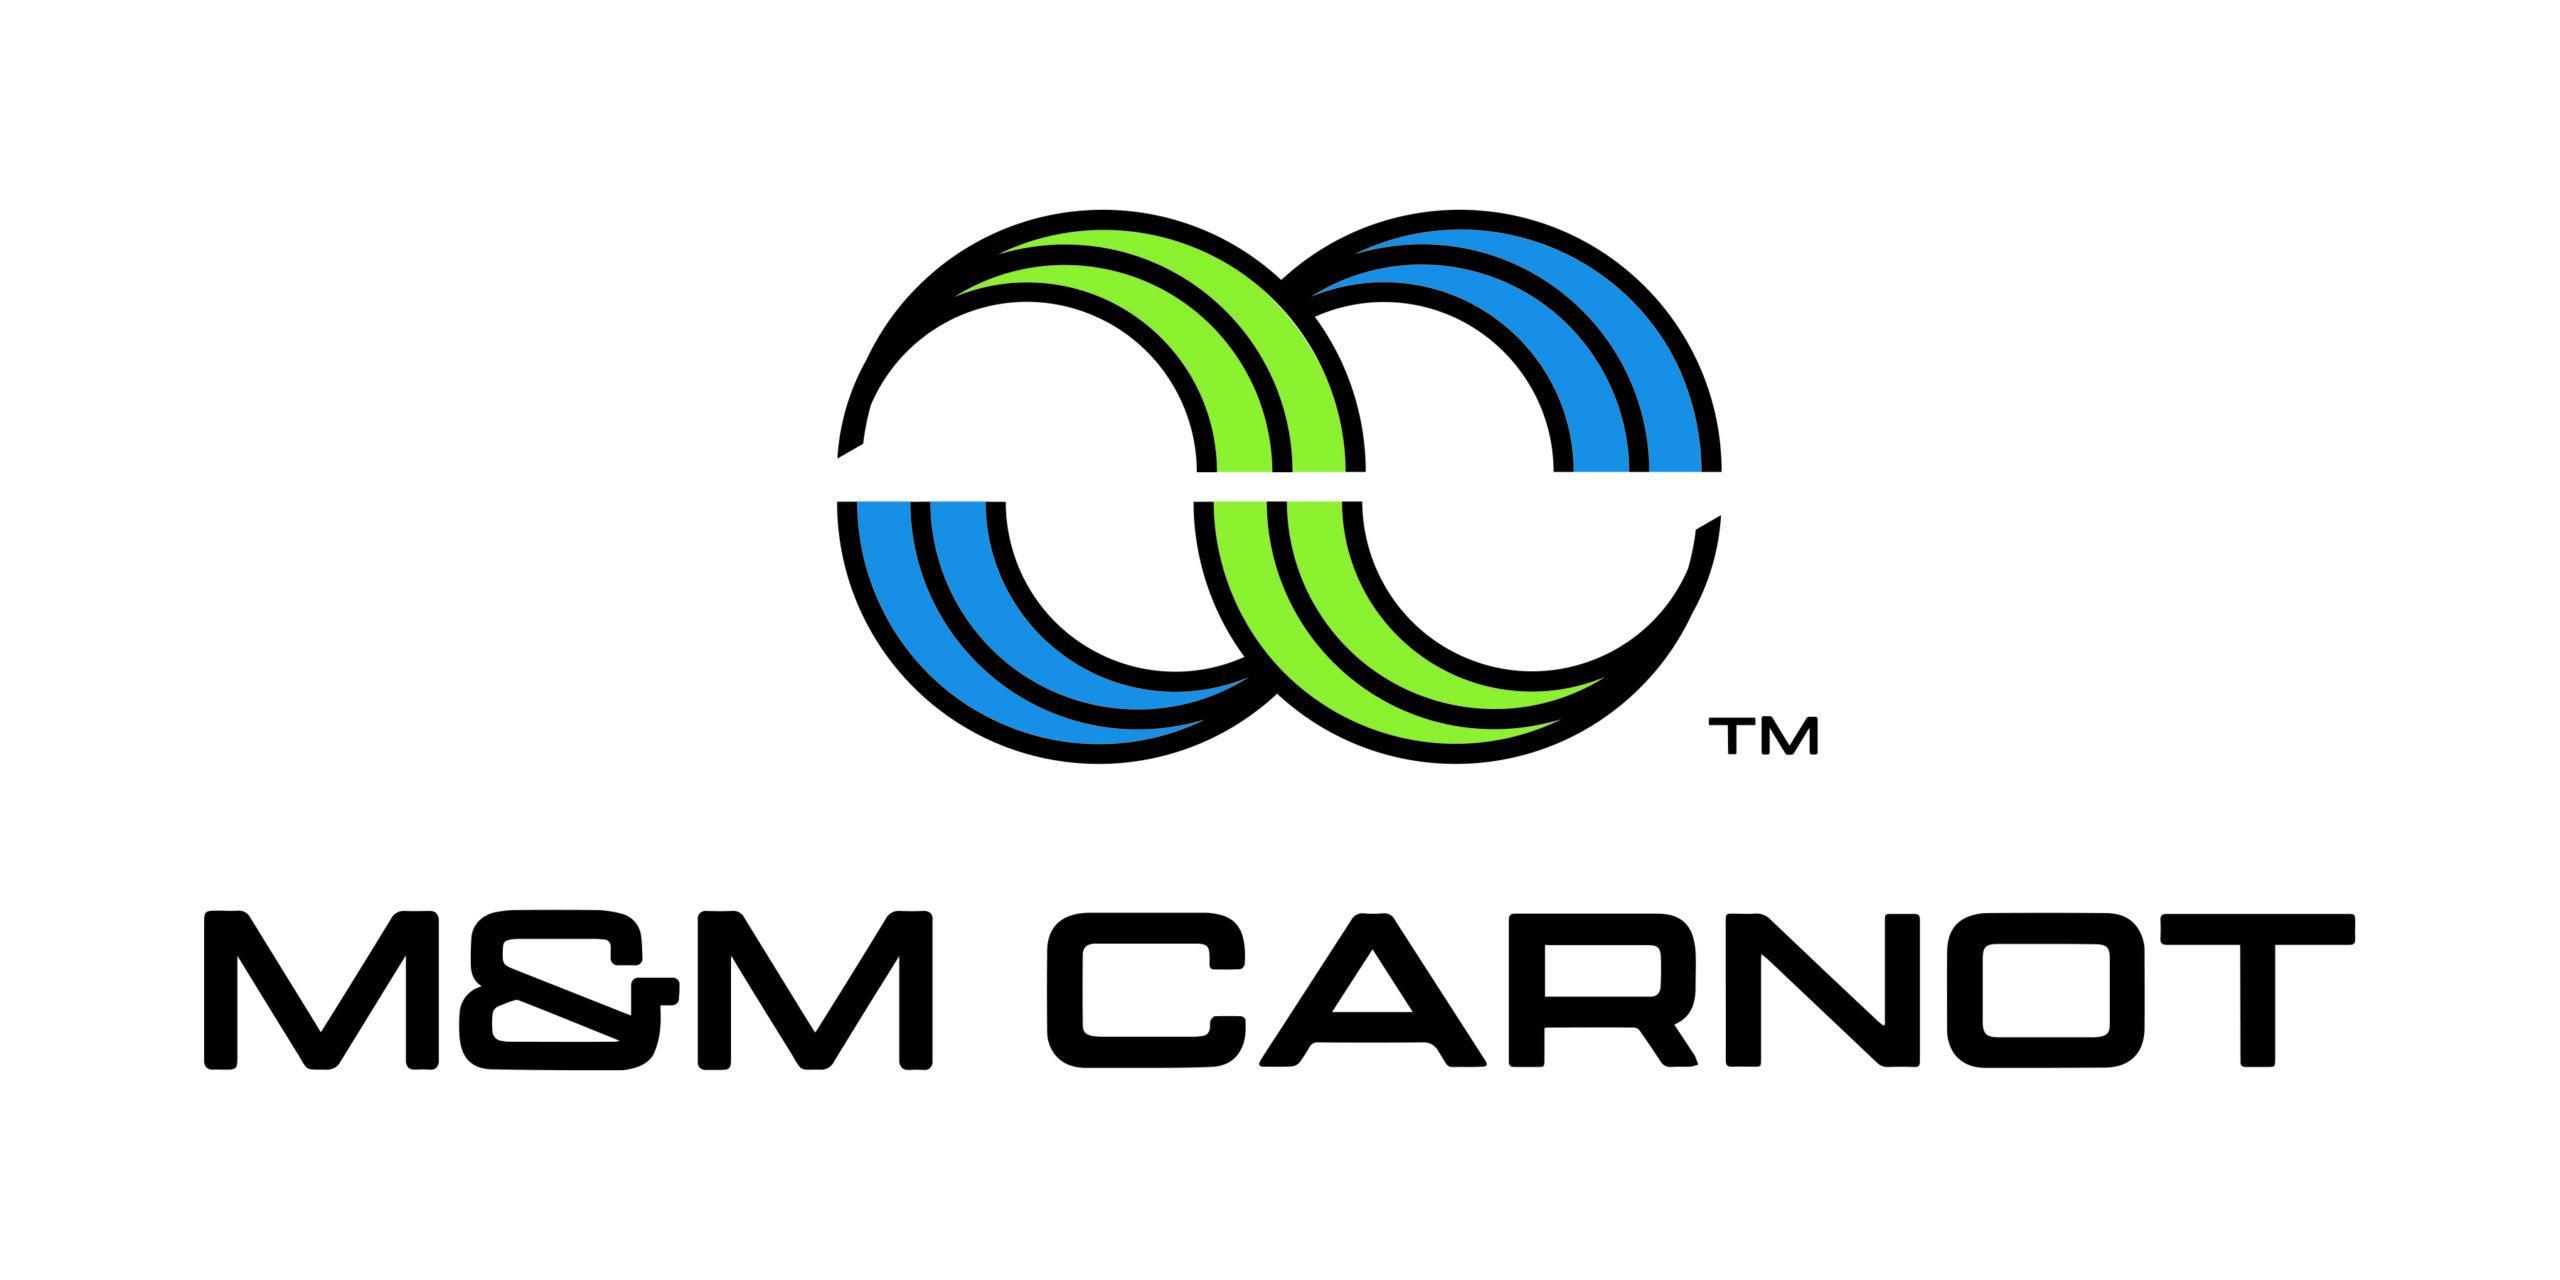 M&M carnot logo